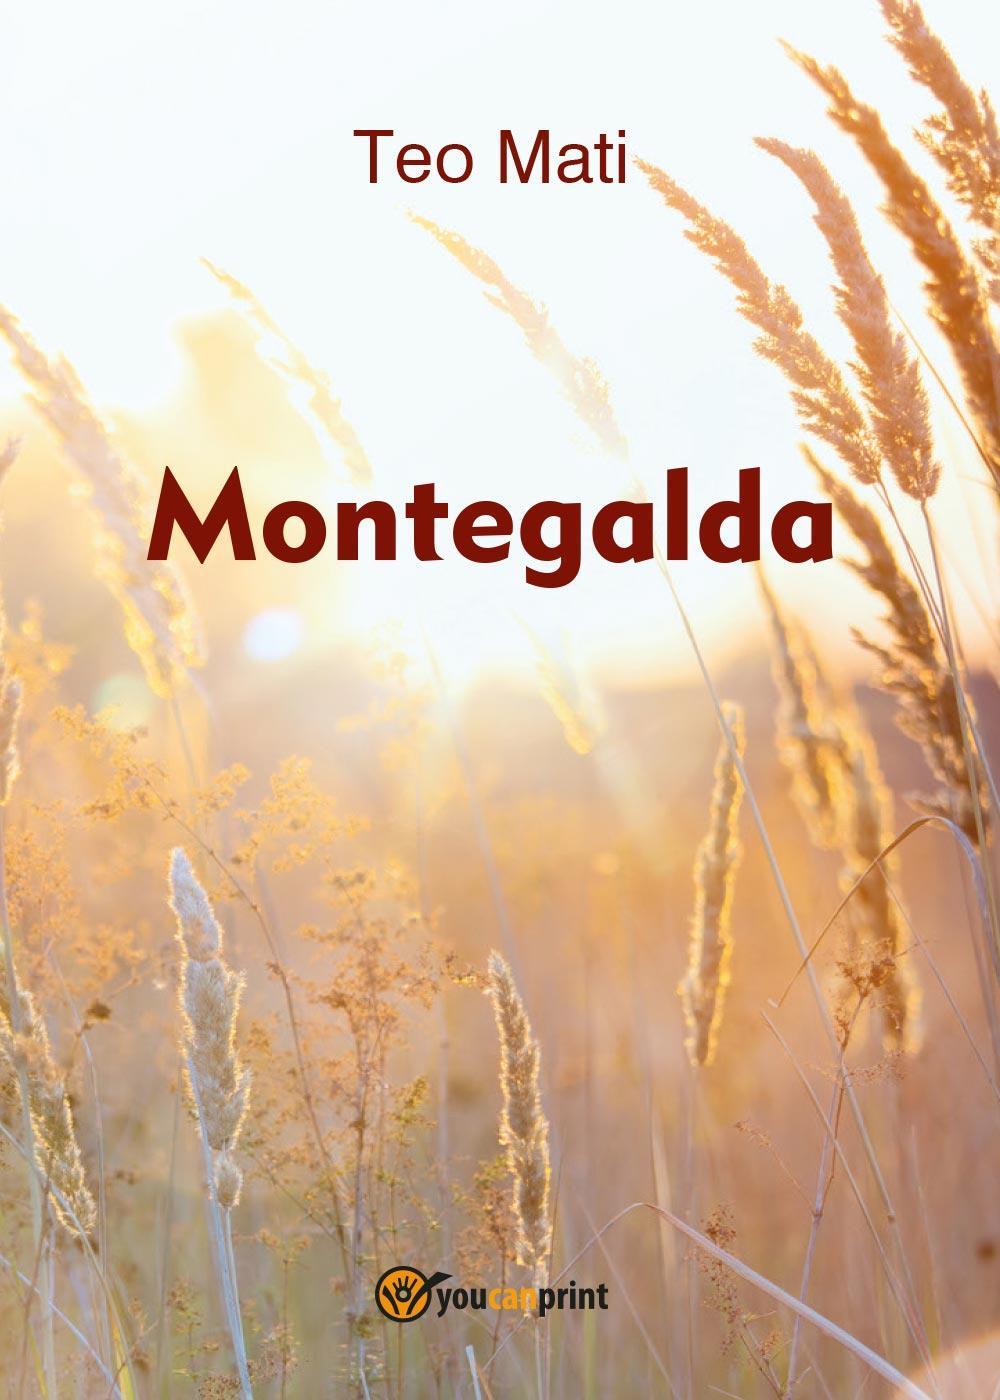 Montegalda